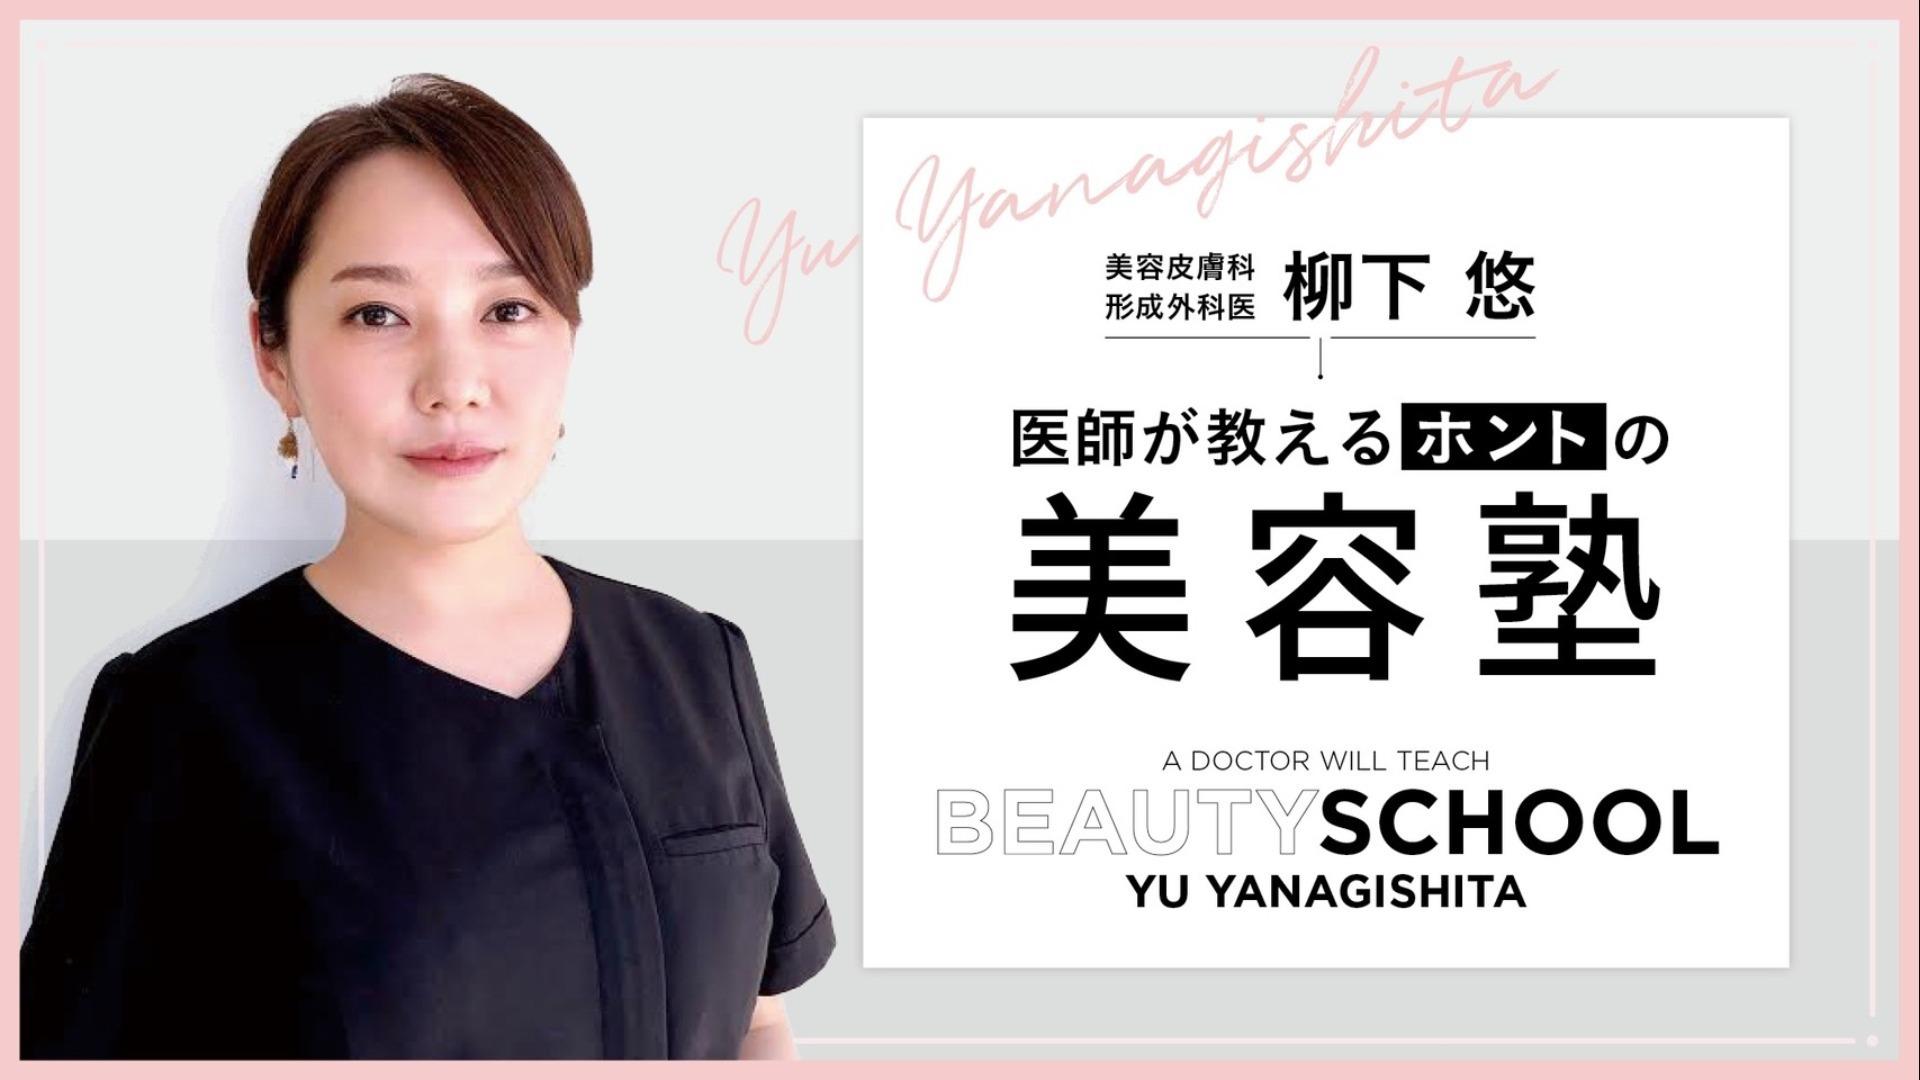 形成外科/美容皮膚科 柳下悠 - 医師が教えるホントの美容塾 - DMM オンラインサロン